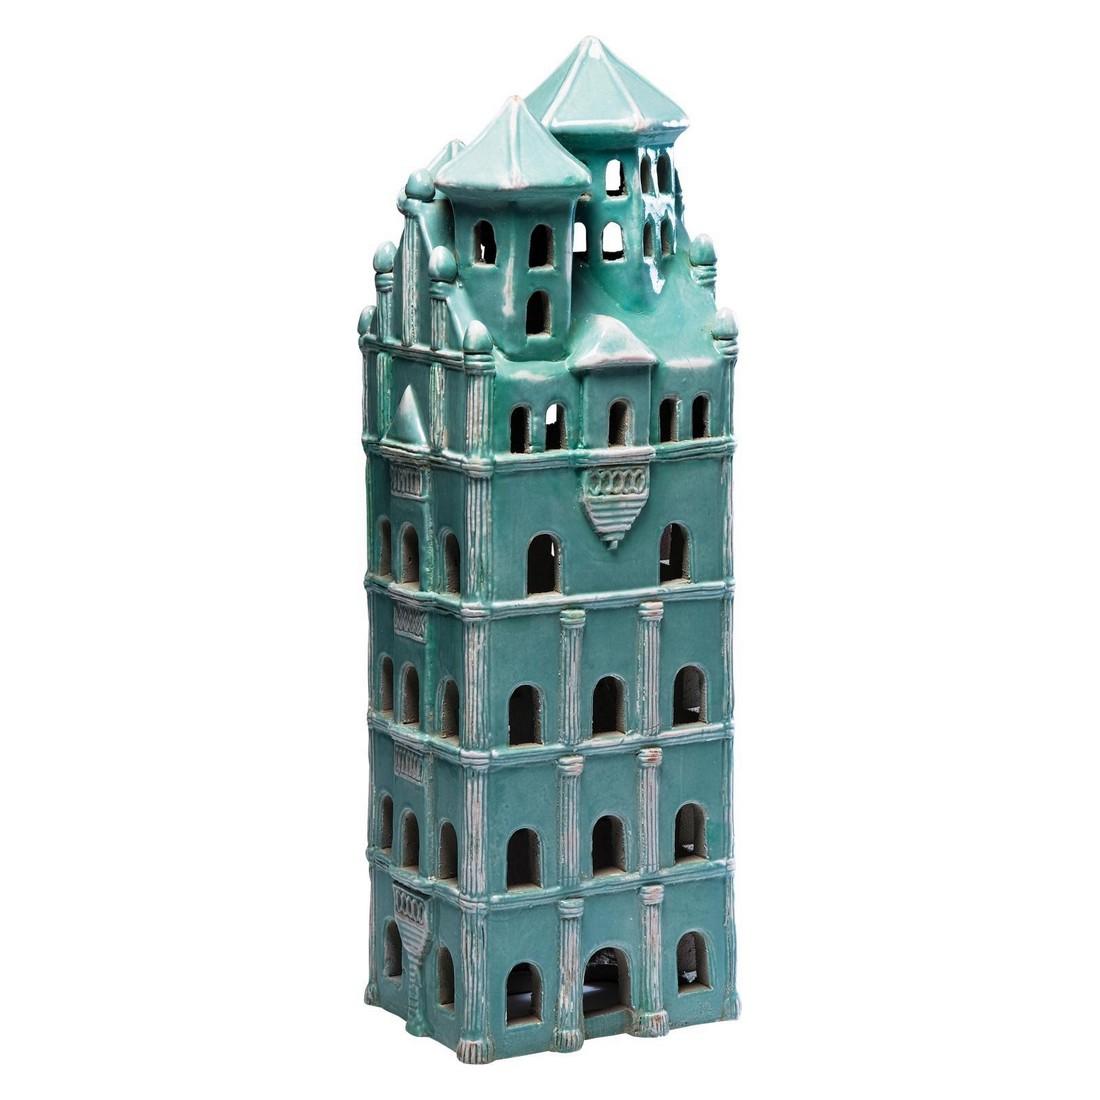 Deko Objekt Frame House Green – Steingut glasiert, Farbe Gruen, Kare Design kaufen